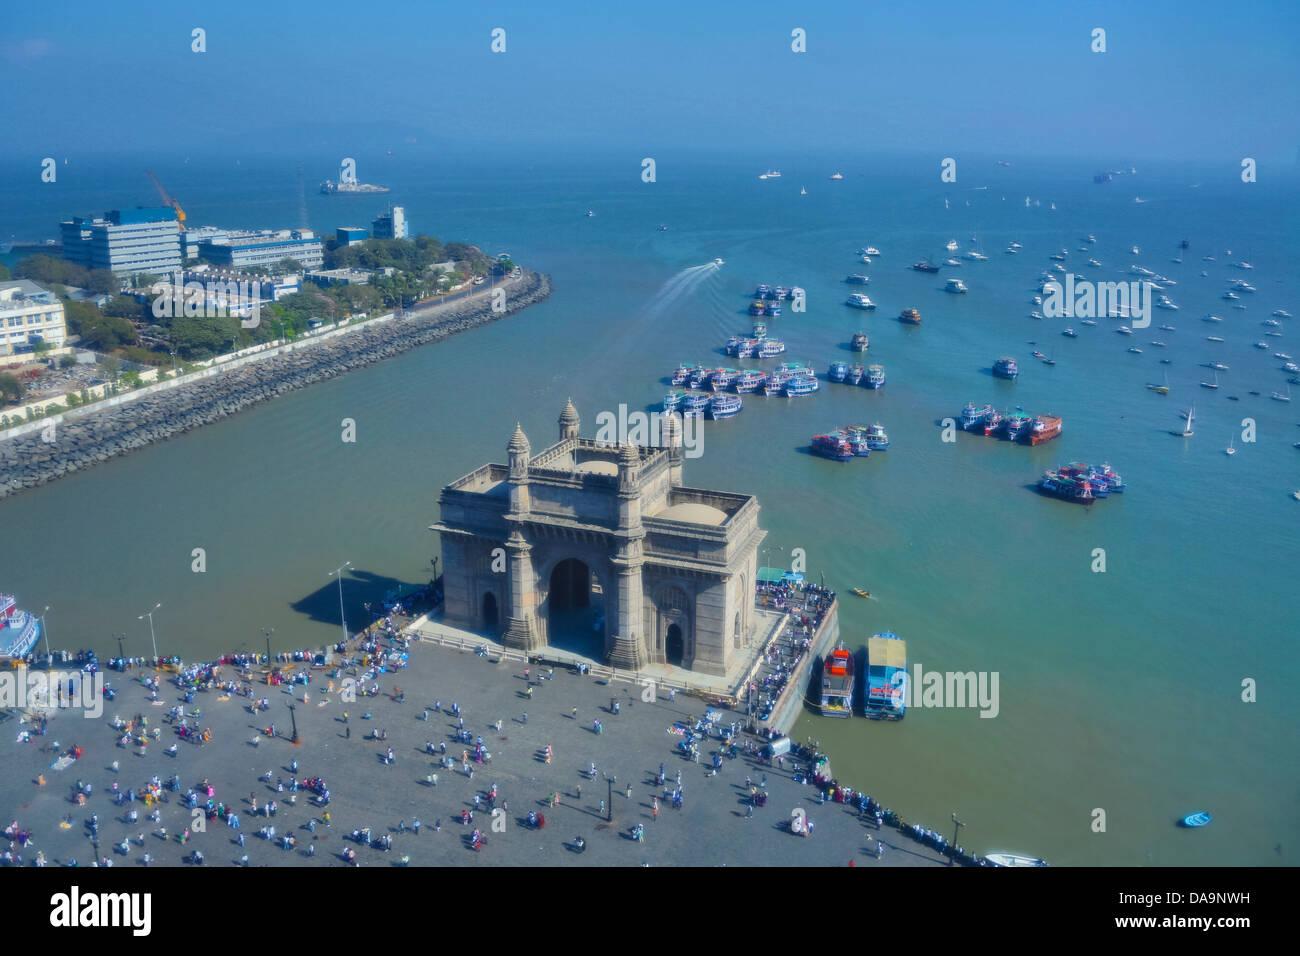 La India, Sur de India, Asia, Maharashtra, Mumbai, Bombay, Ciudad Colaba, distrito, puerta de la India, Sur de la Imagen De Stock